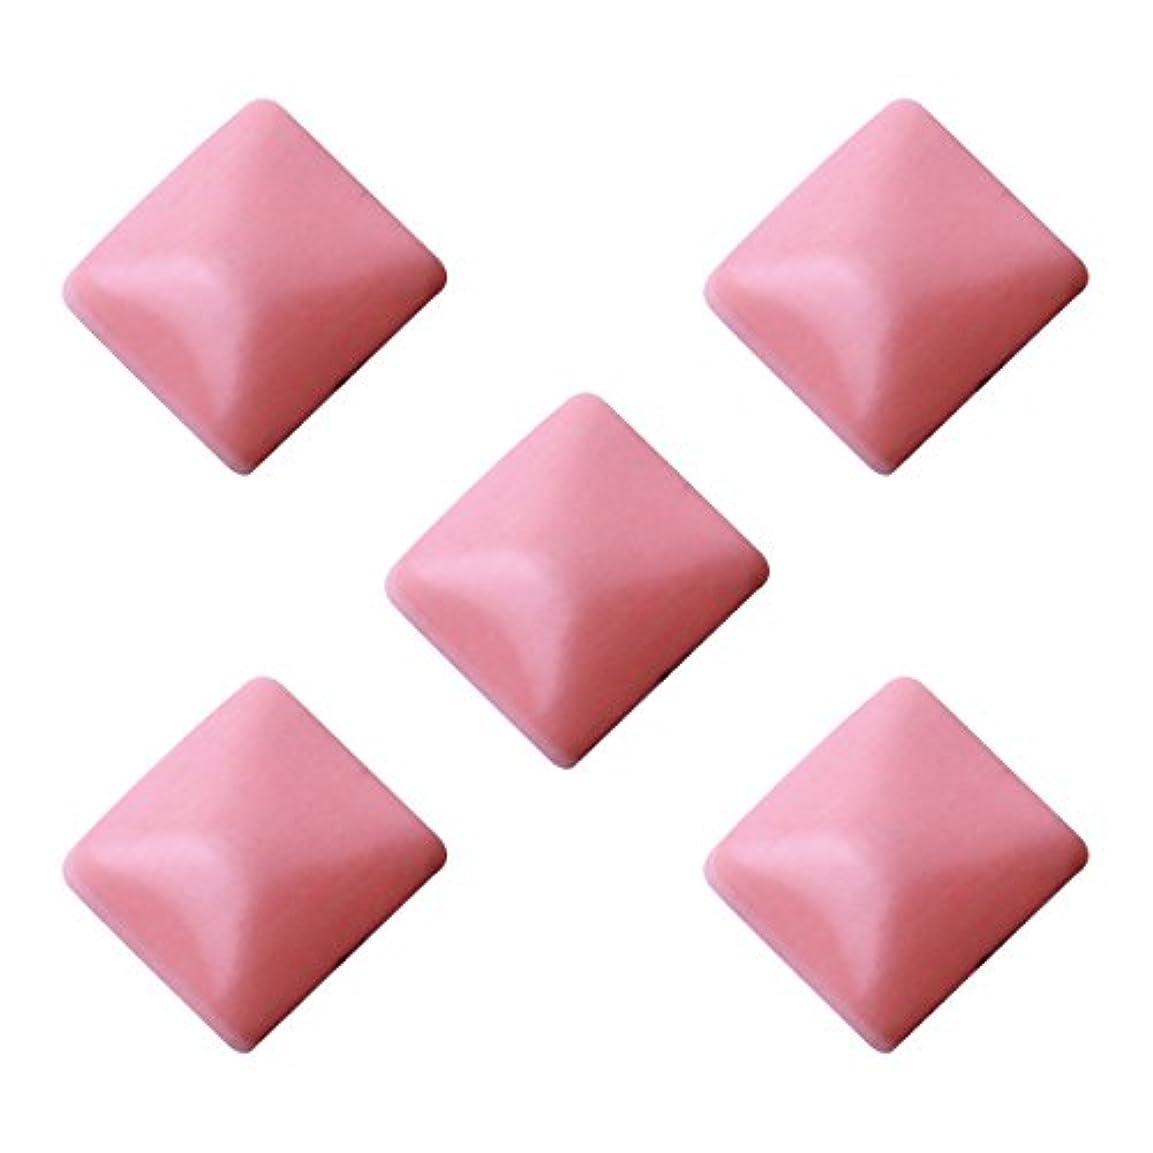 鋼町害虫パステルスタッズ スクエア 3×3mm (100個入り) ピンク